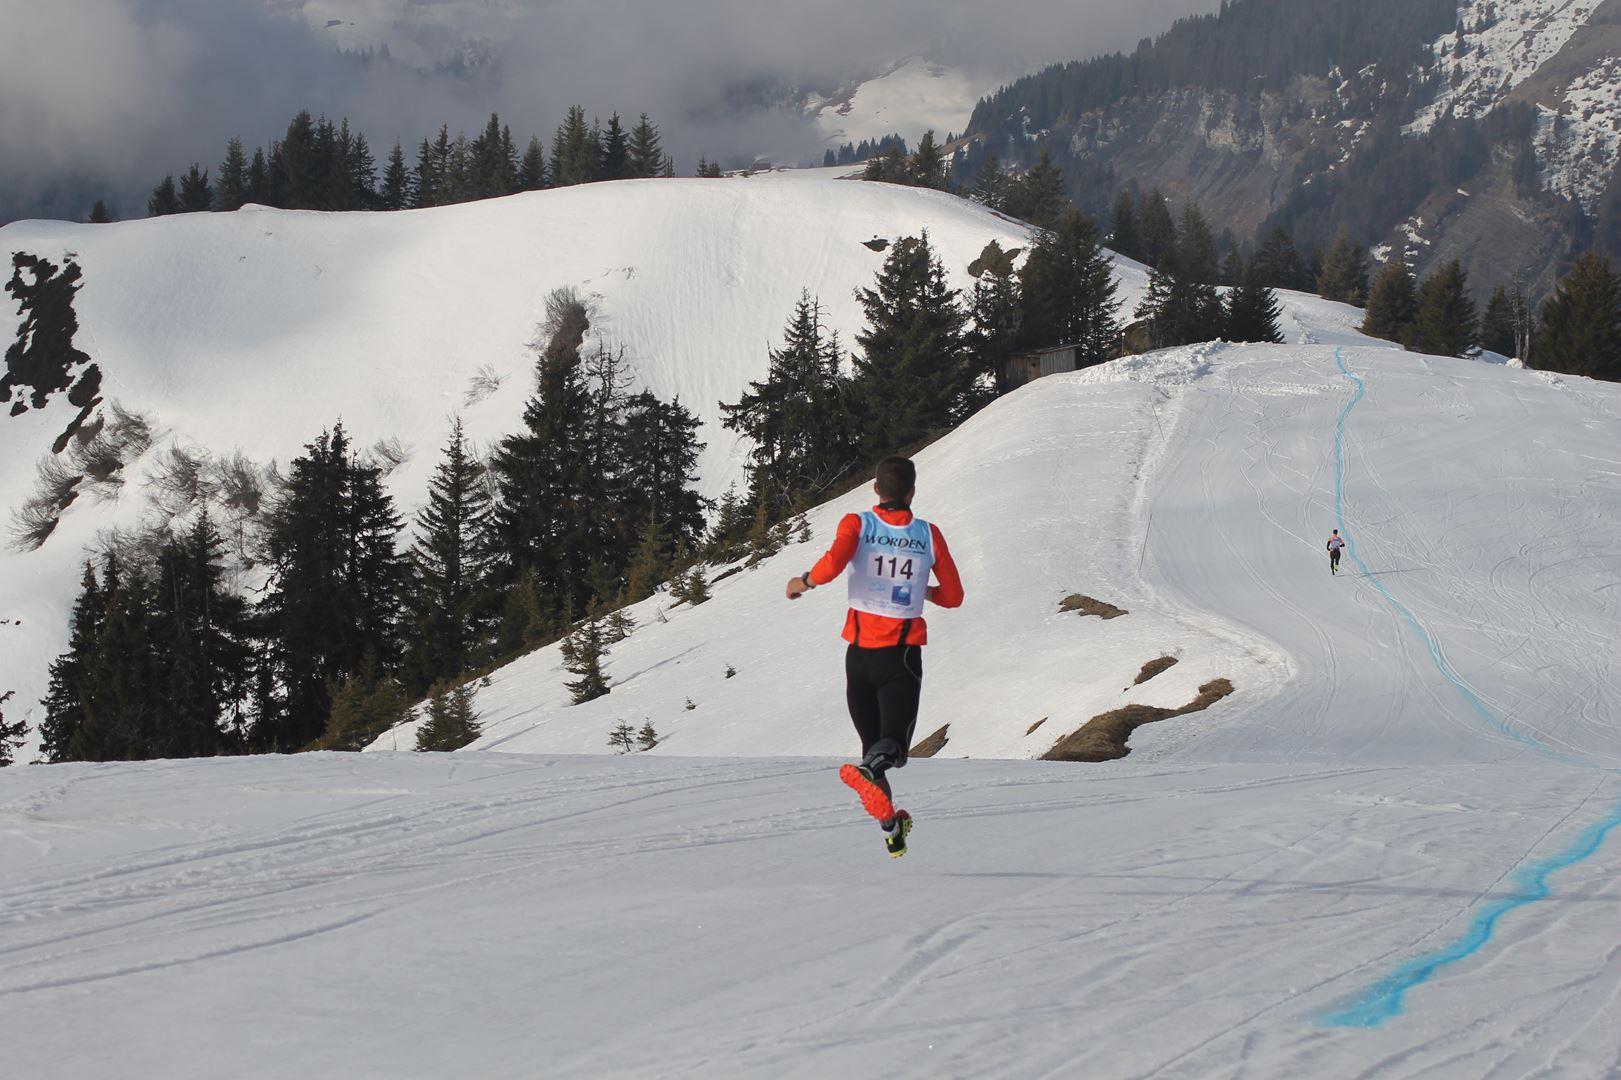 Bastien Gachet motivé pour revenir sur Fiers - RESULTATS ET REPORTAGE SUR LA 8EME EDITION DE l'ARAVIS SNOW TRAIL  (LA GIETTAZ 73)